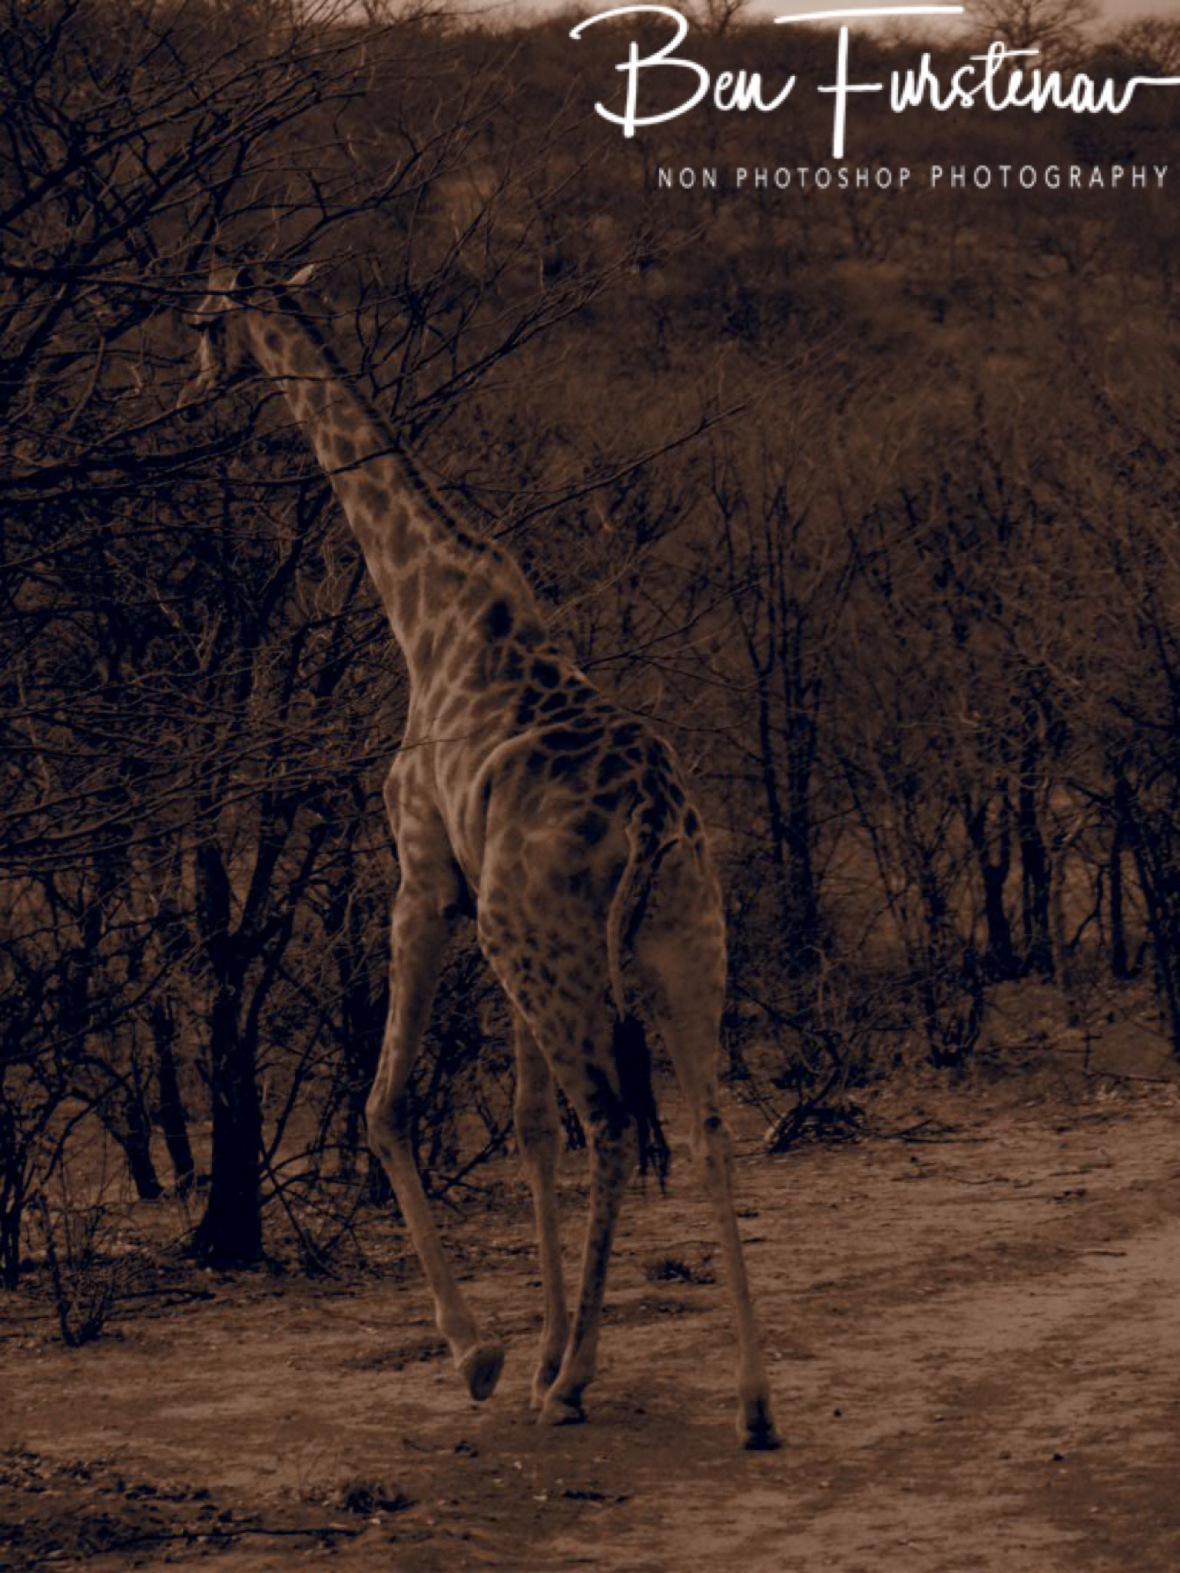 Mom giraffe, Sophienhof, Outjo, Namibia